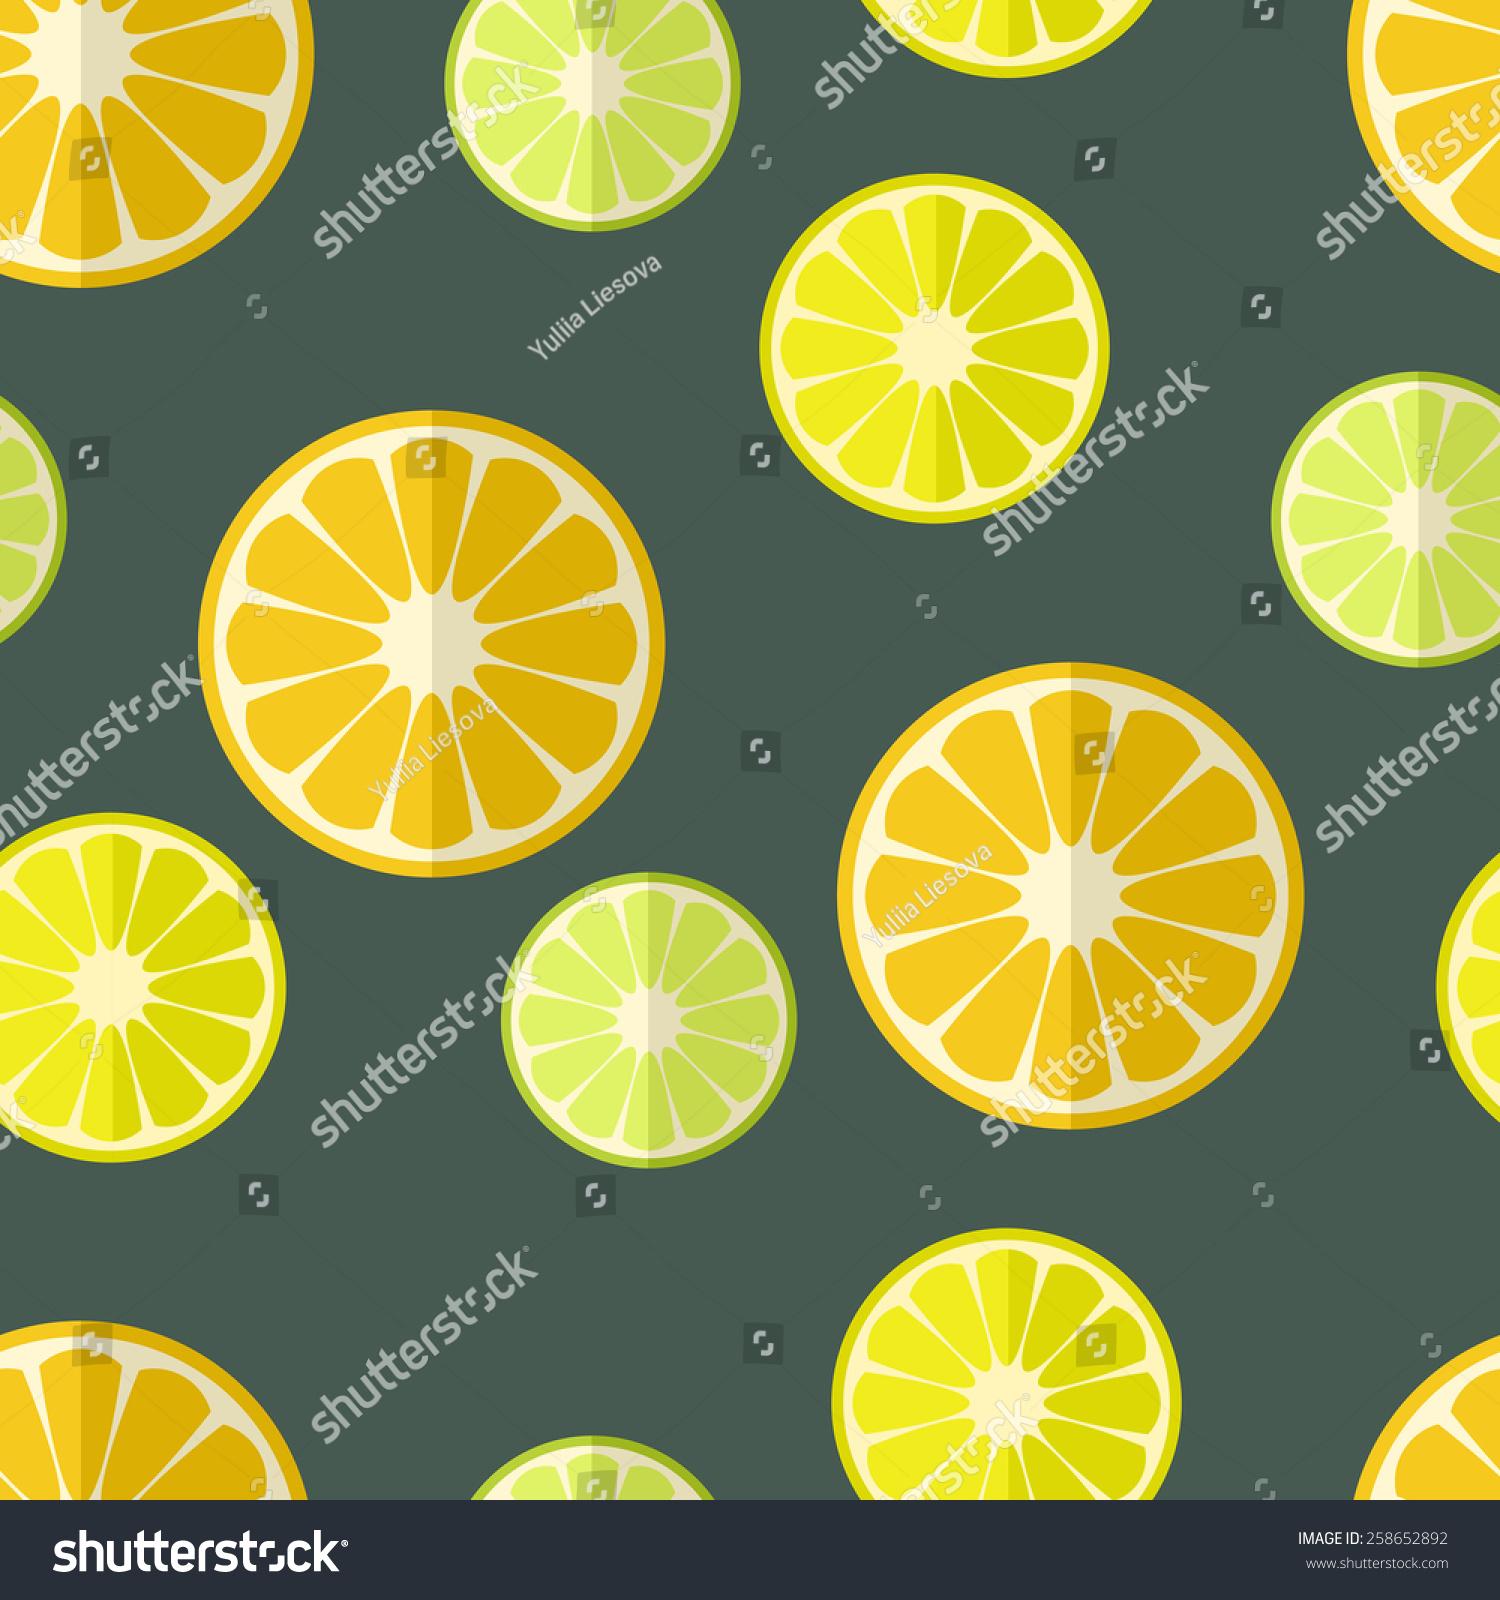 柑橘类水果在平面设计上的无缝结合-背景/素材,食品及图片